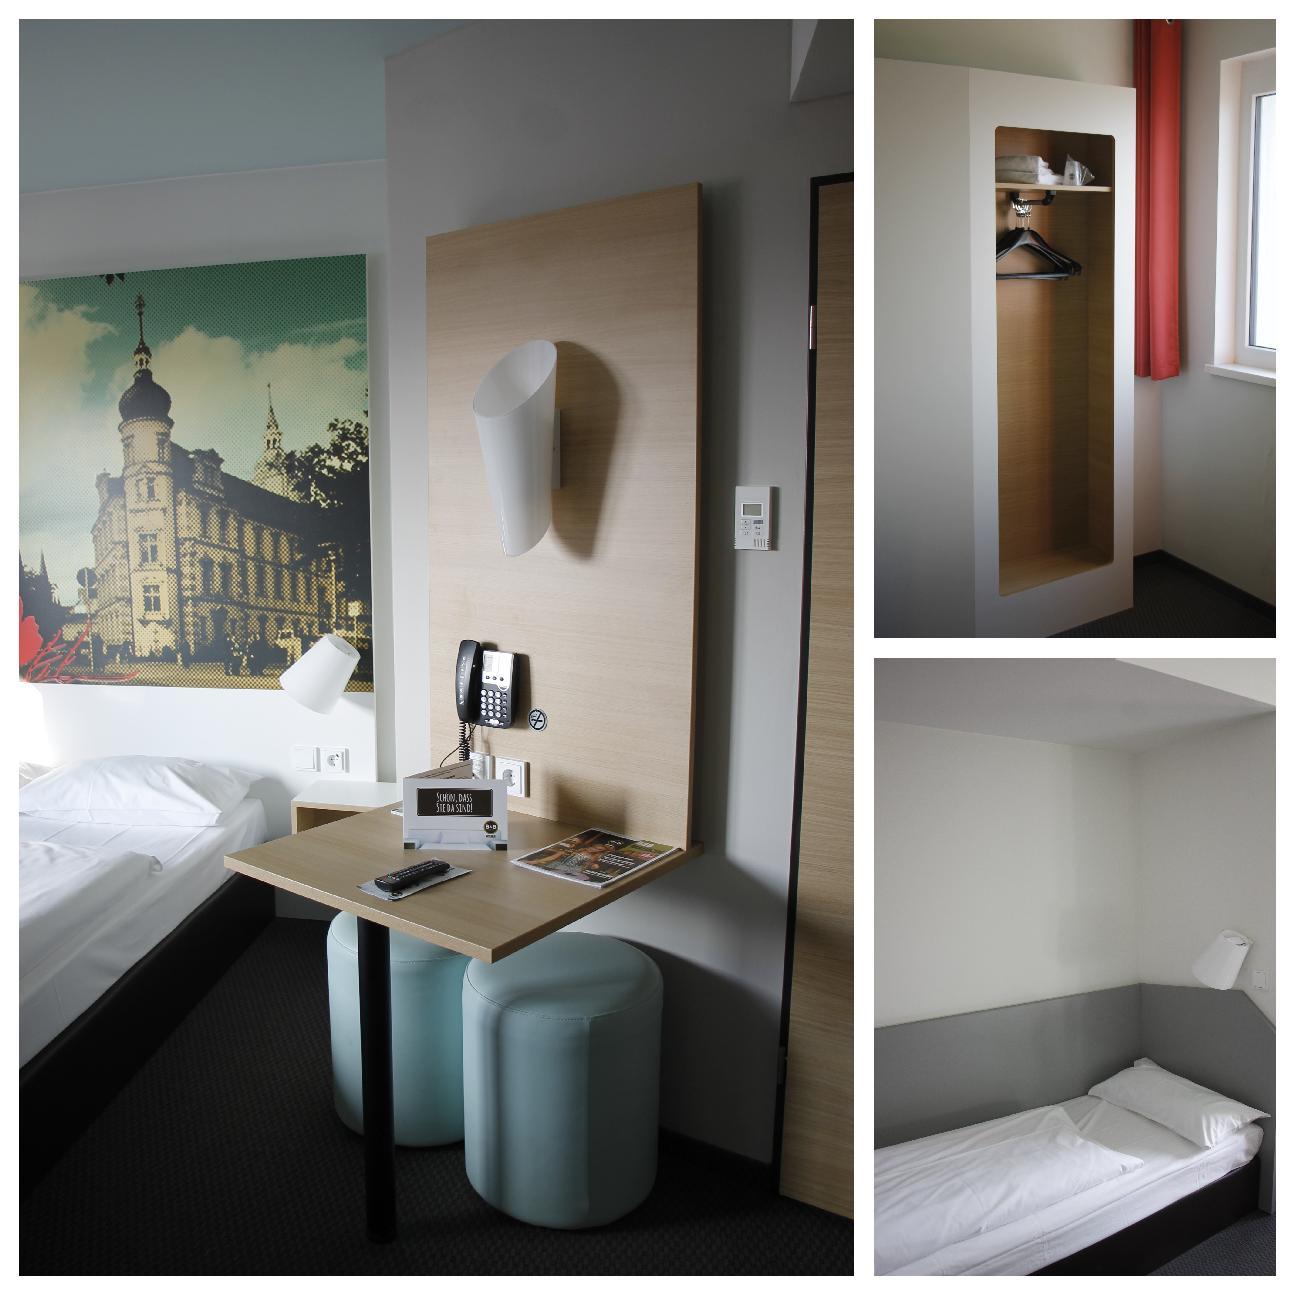 B&B Hotel Oldenburg: Eindrücke vom Zimmer